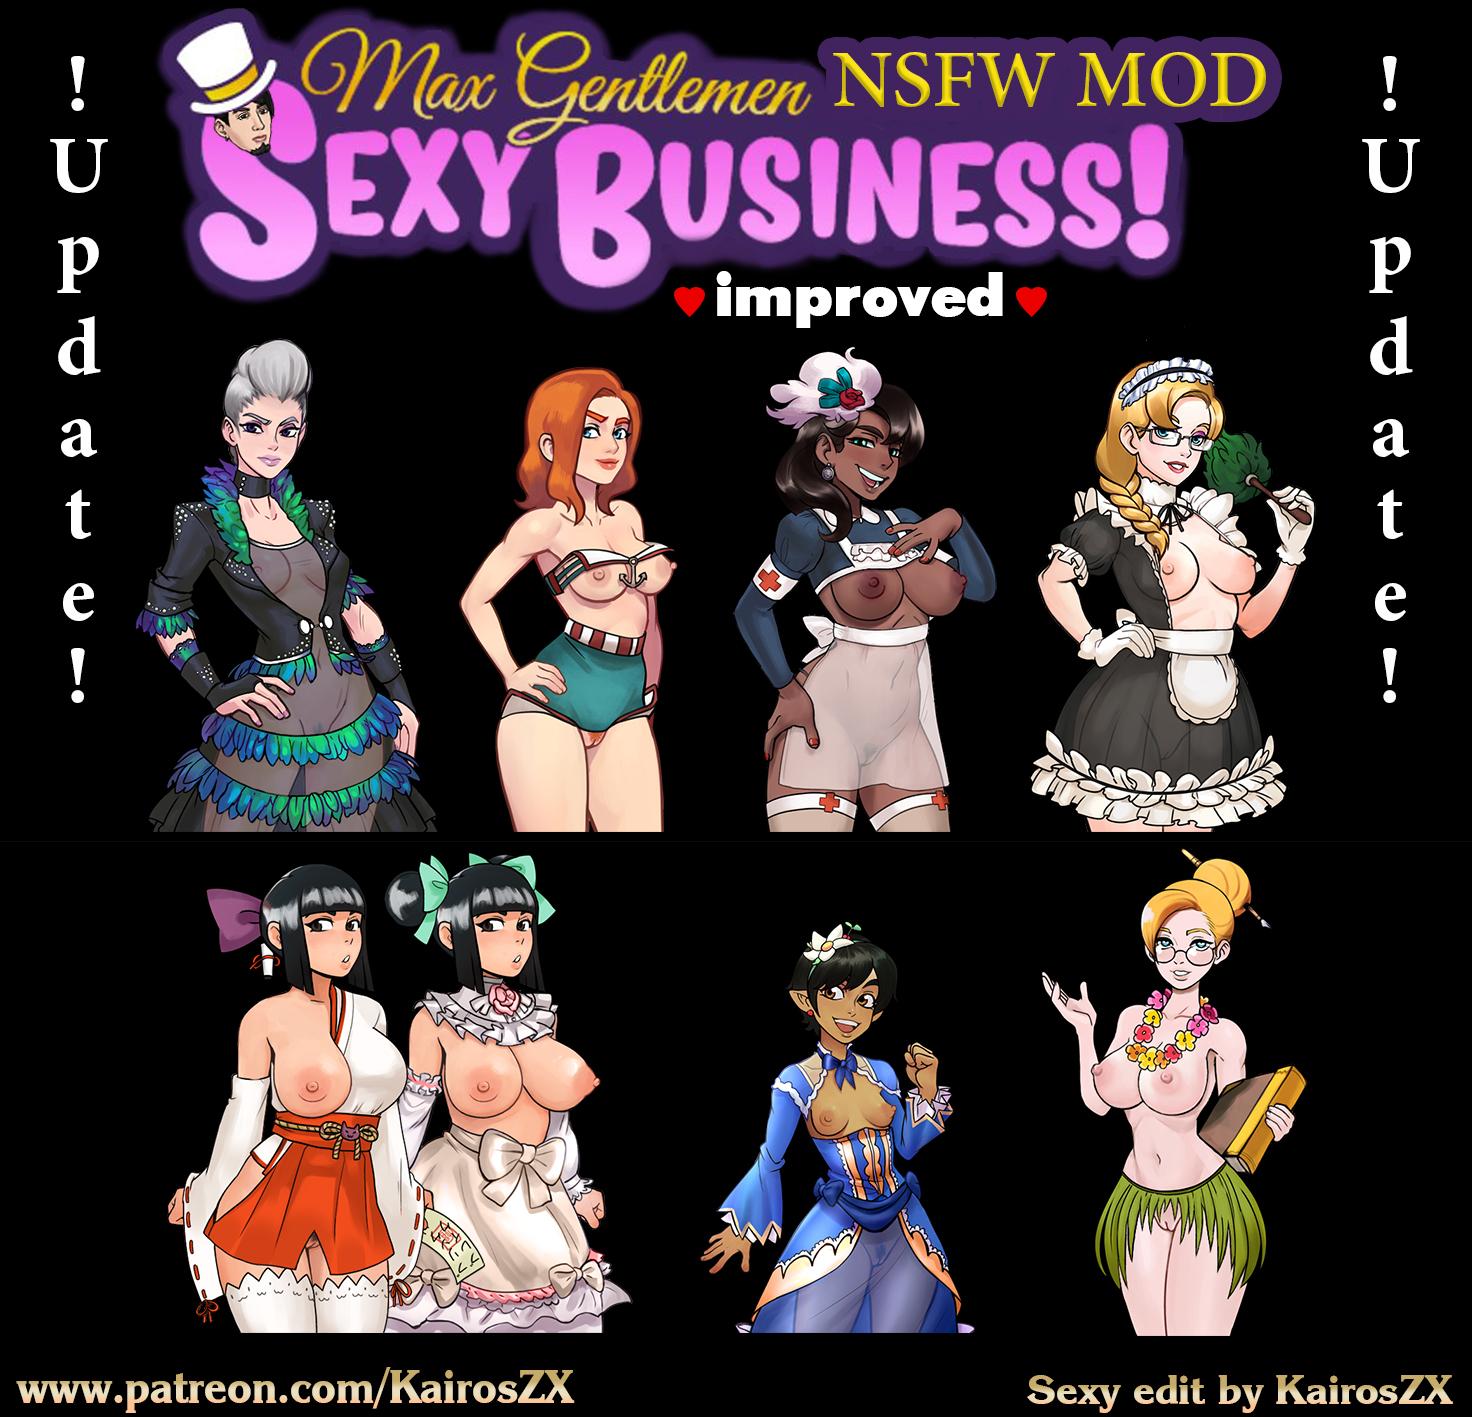 Max Gentlemen Sexy Business Update 2.jpg